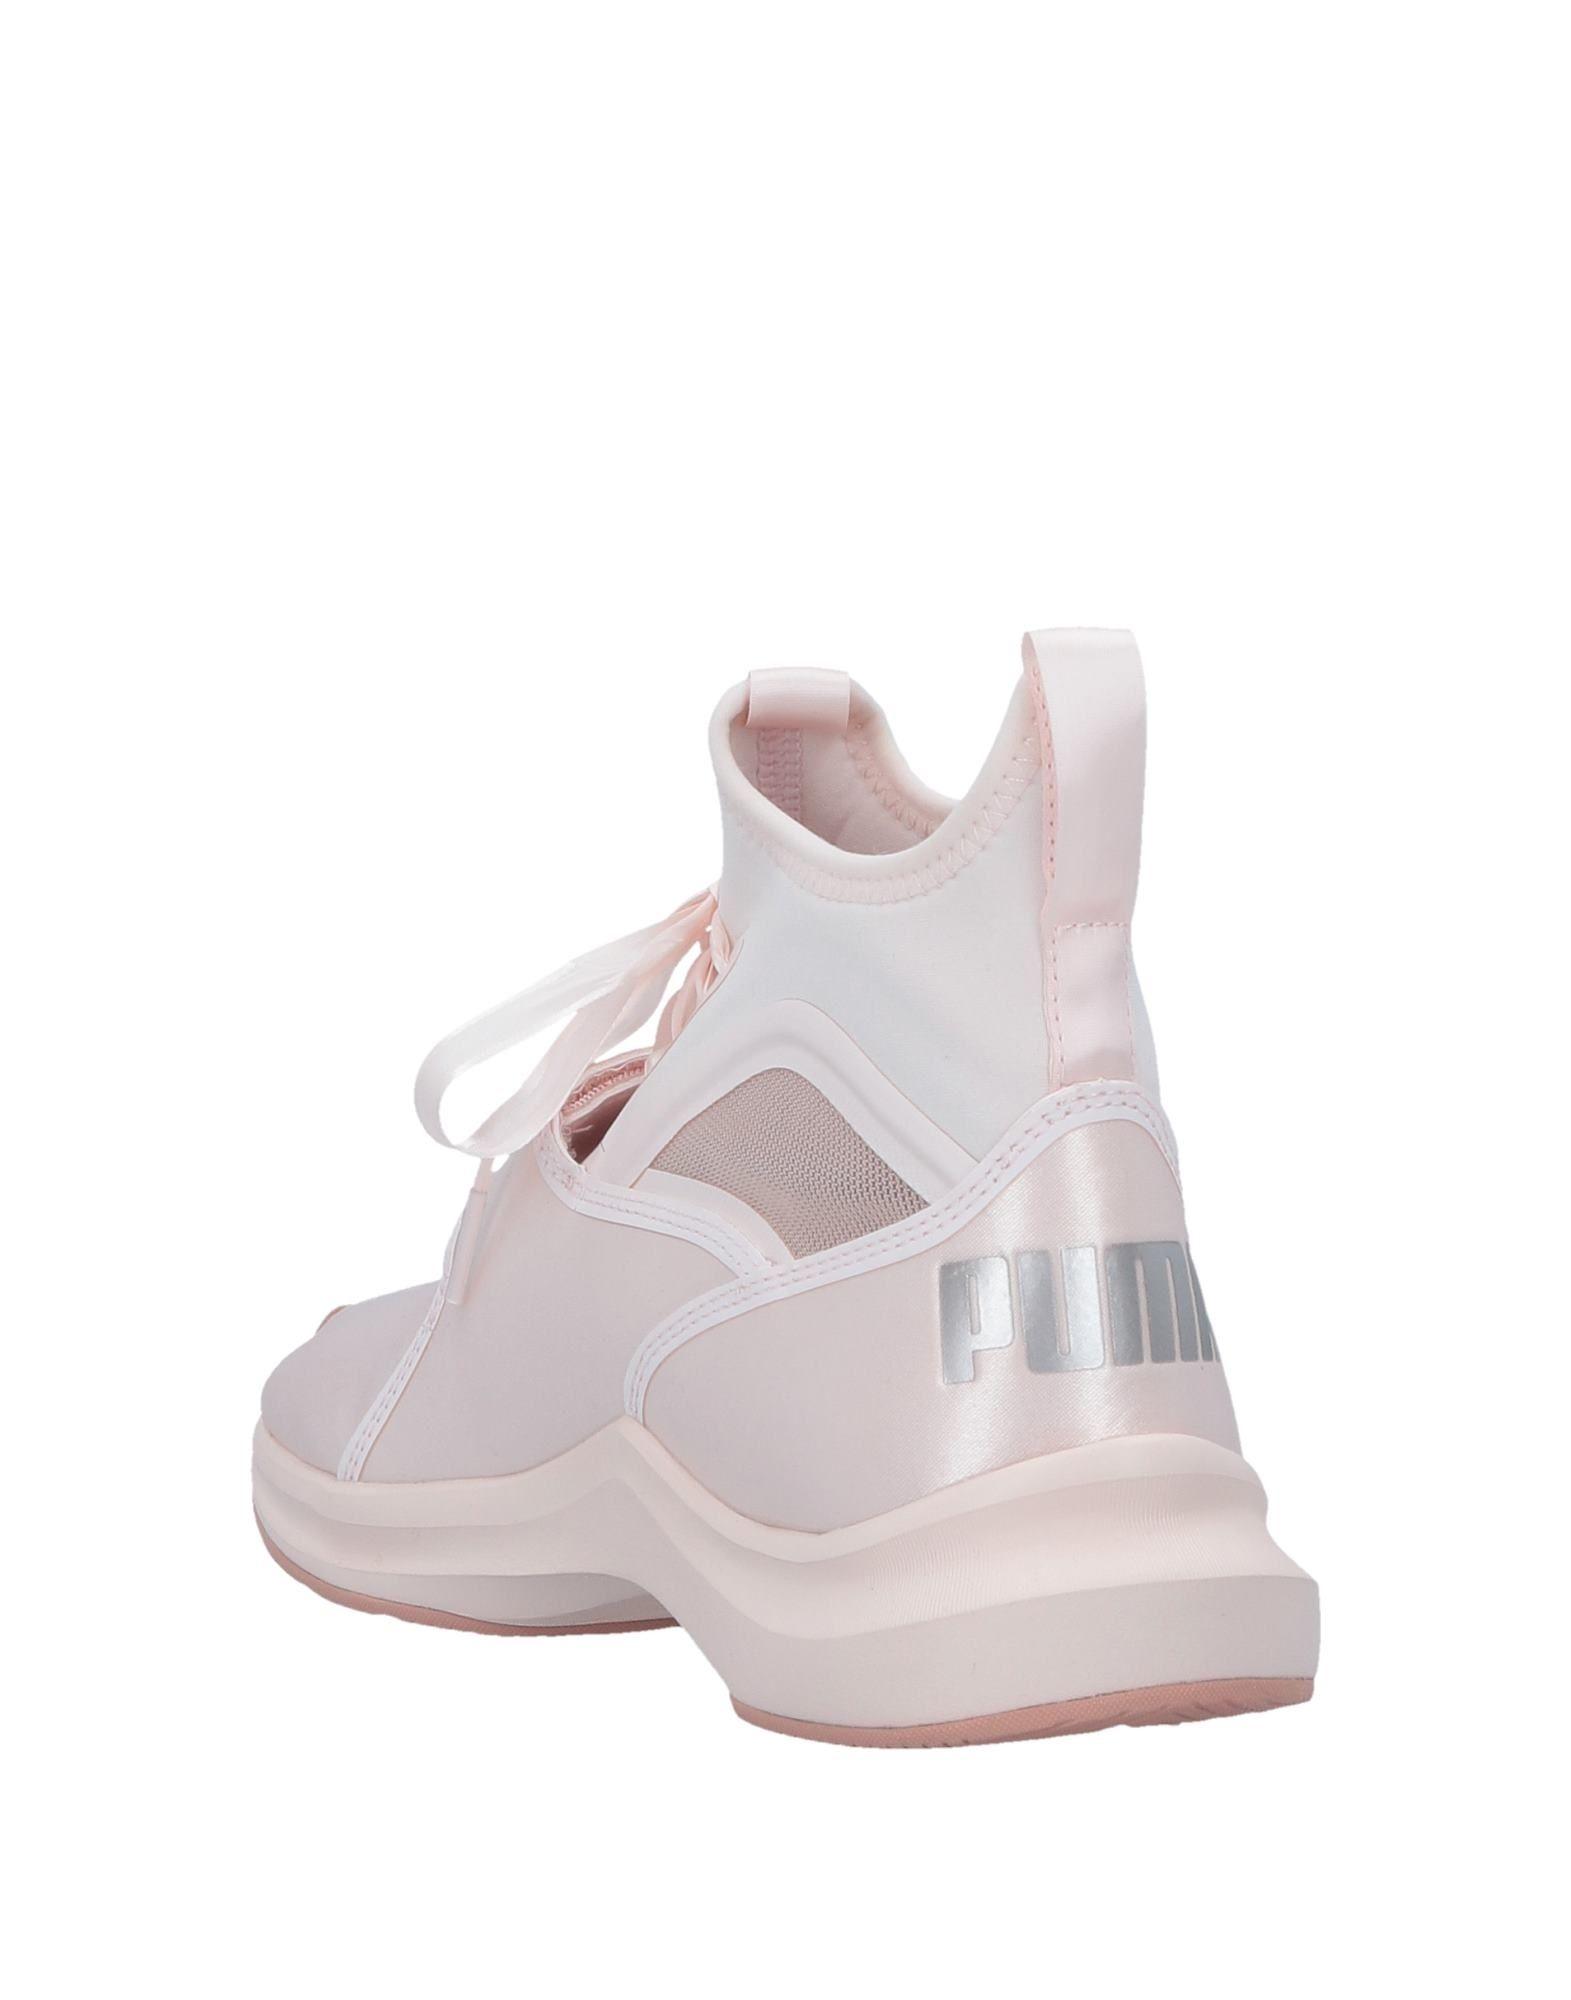 Moda 11529039CL Sneakers Puma Donna - 11529039CL Moda aebcff